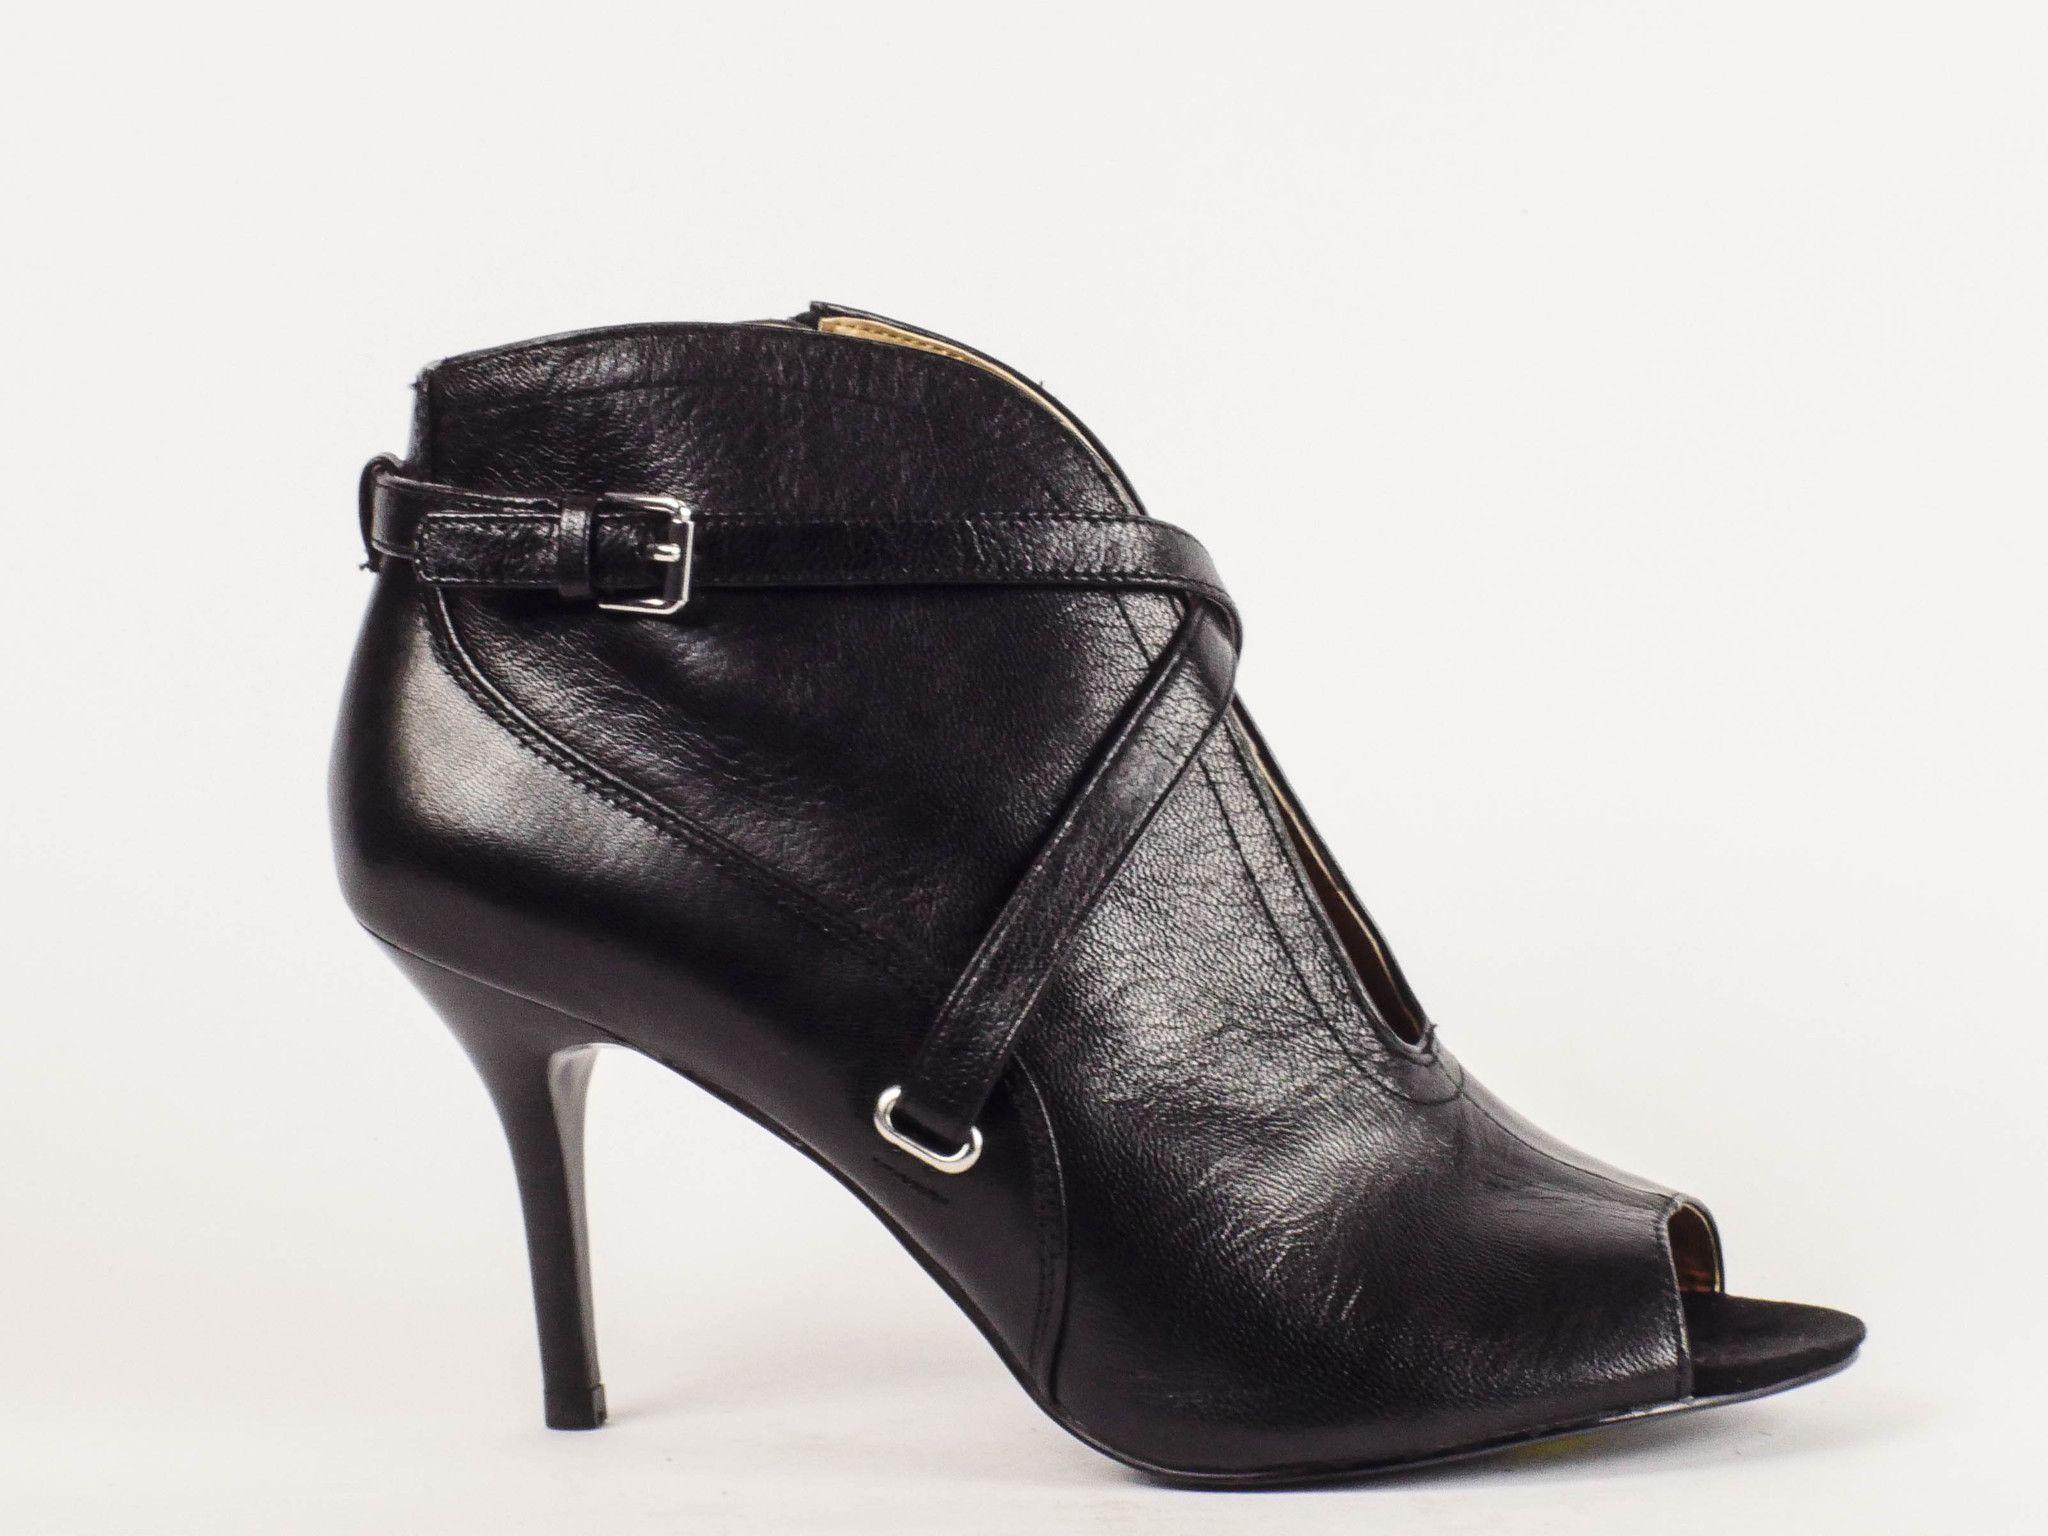 Nine West Gaige Ankle Booties